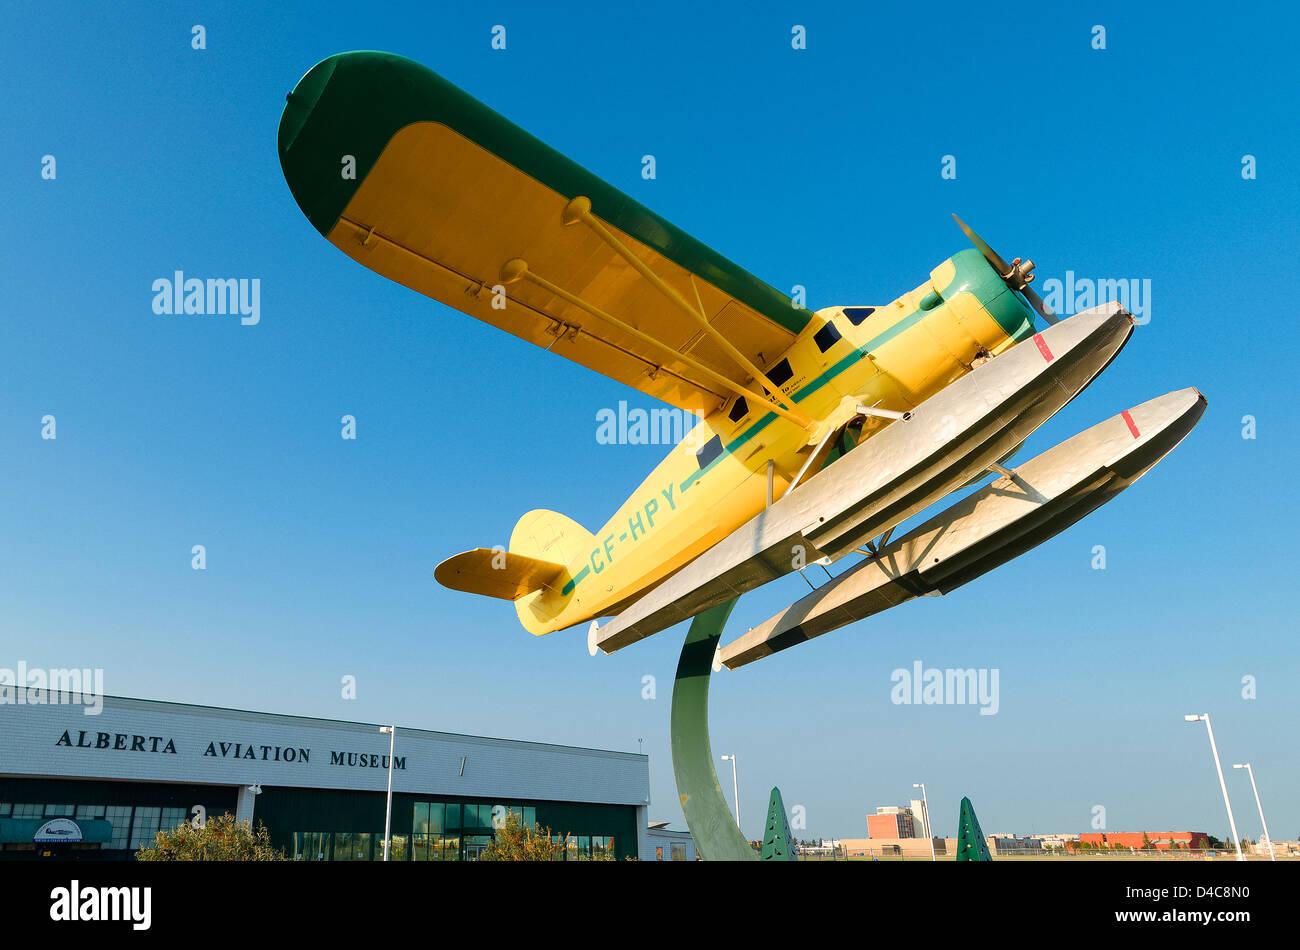 En dehors d'hydravion Musée de l'aviation de l'Alberta, Edmonton, Alberta, Canada Photo Stock